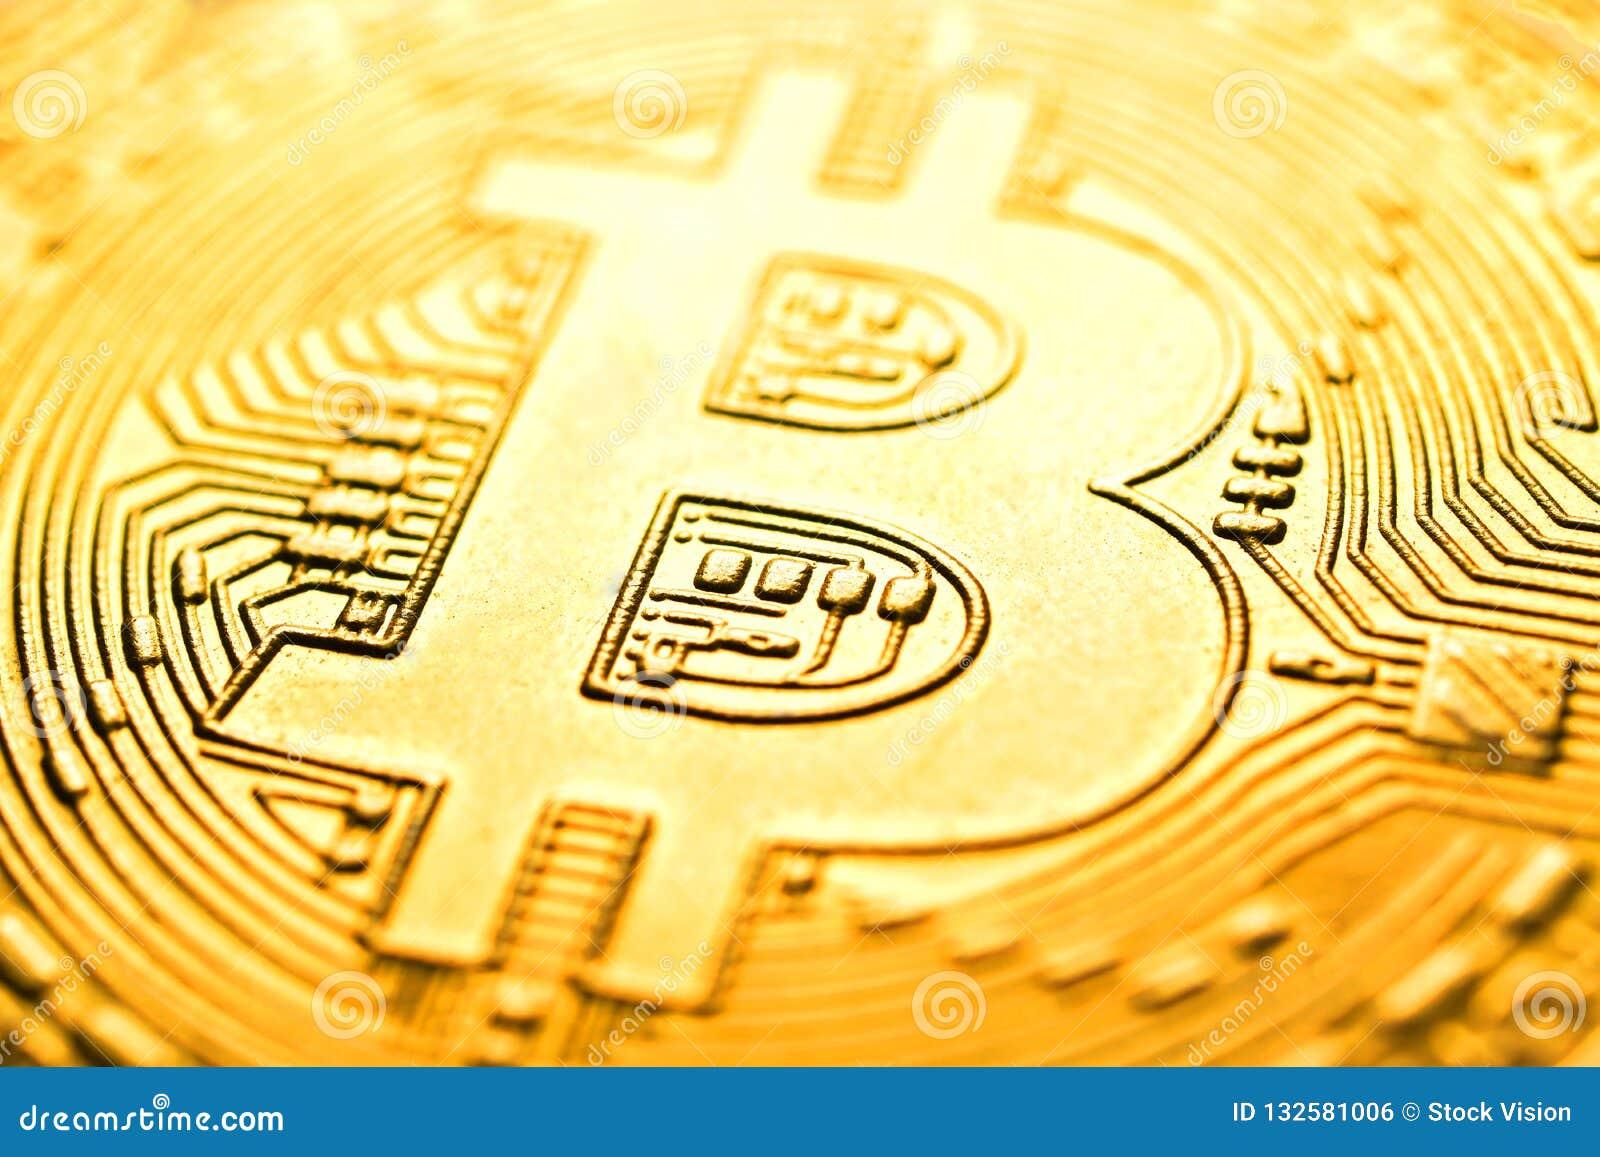 Μακρο εικόνα Bitcoin για το υπόβαθρο, περίληψη